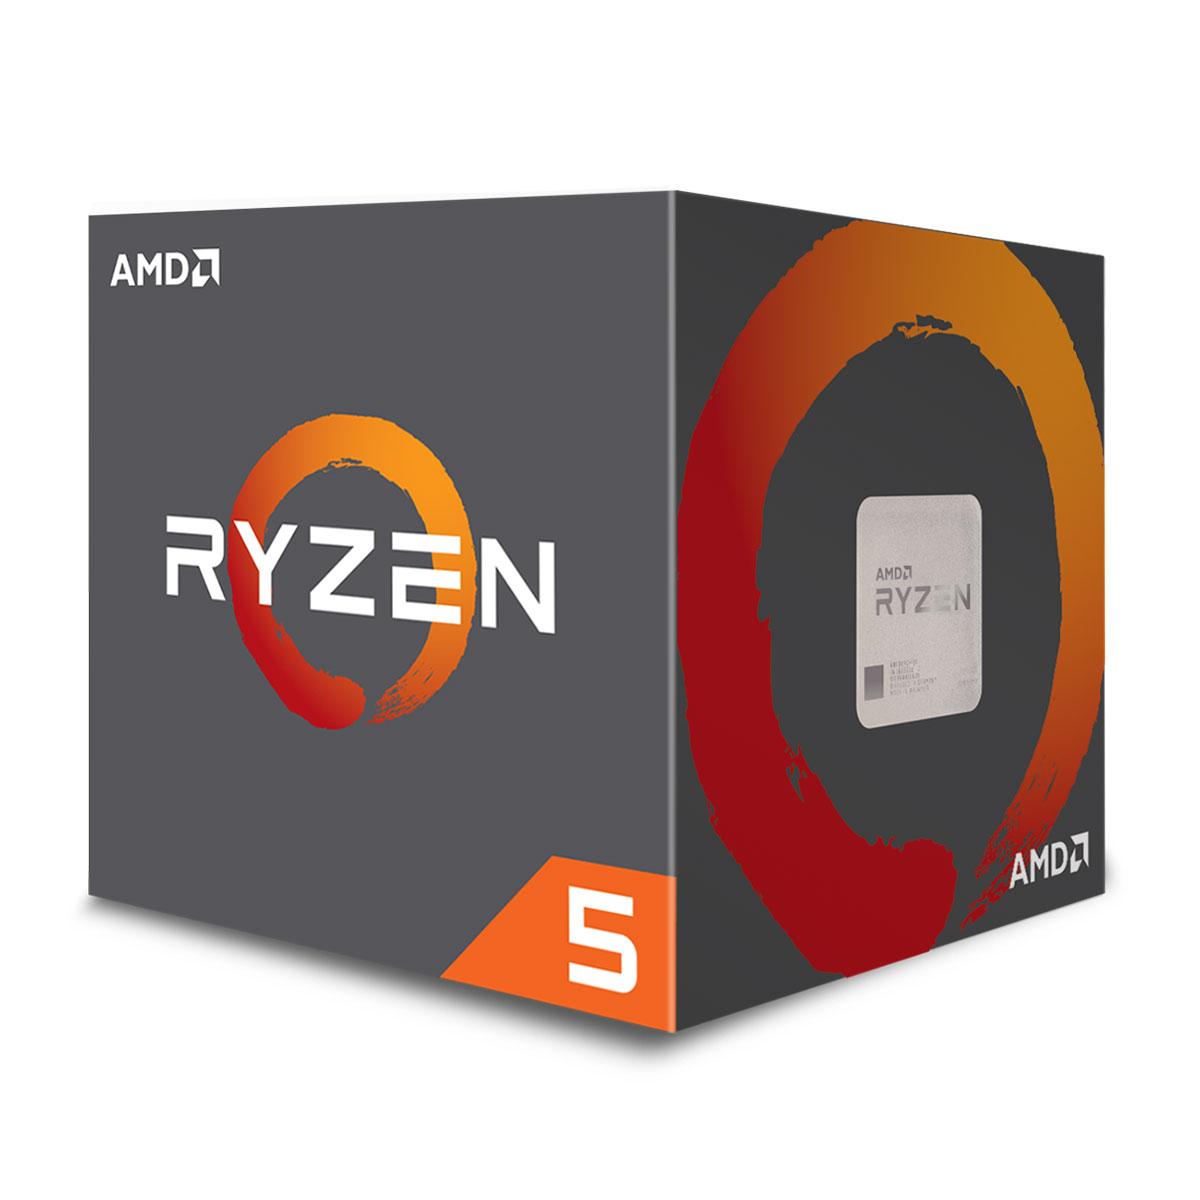 Processeur AMD Ryzen 5 2600X MAX (3.6 GHz) Processeur 6-Core socket AM4 Cache L3 16 Mo 0.012 micron TDP 95W avec système de refroidissement Wraith Max (version boîte - garantie constructeur 3 ans)